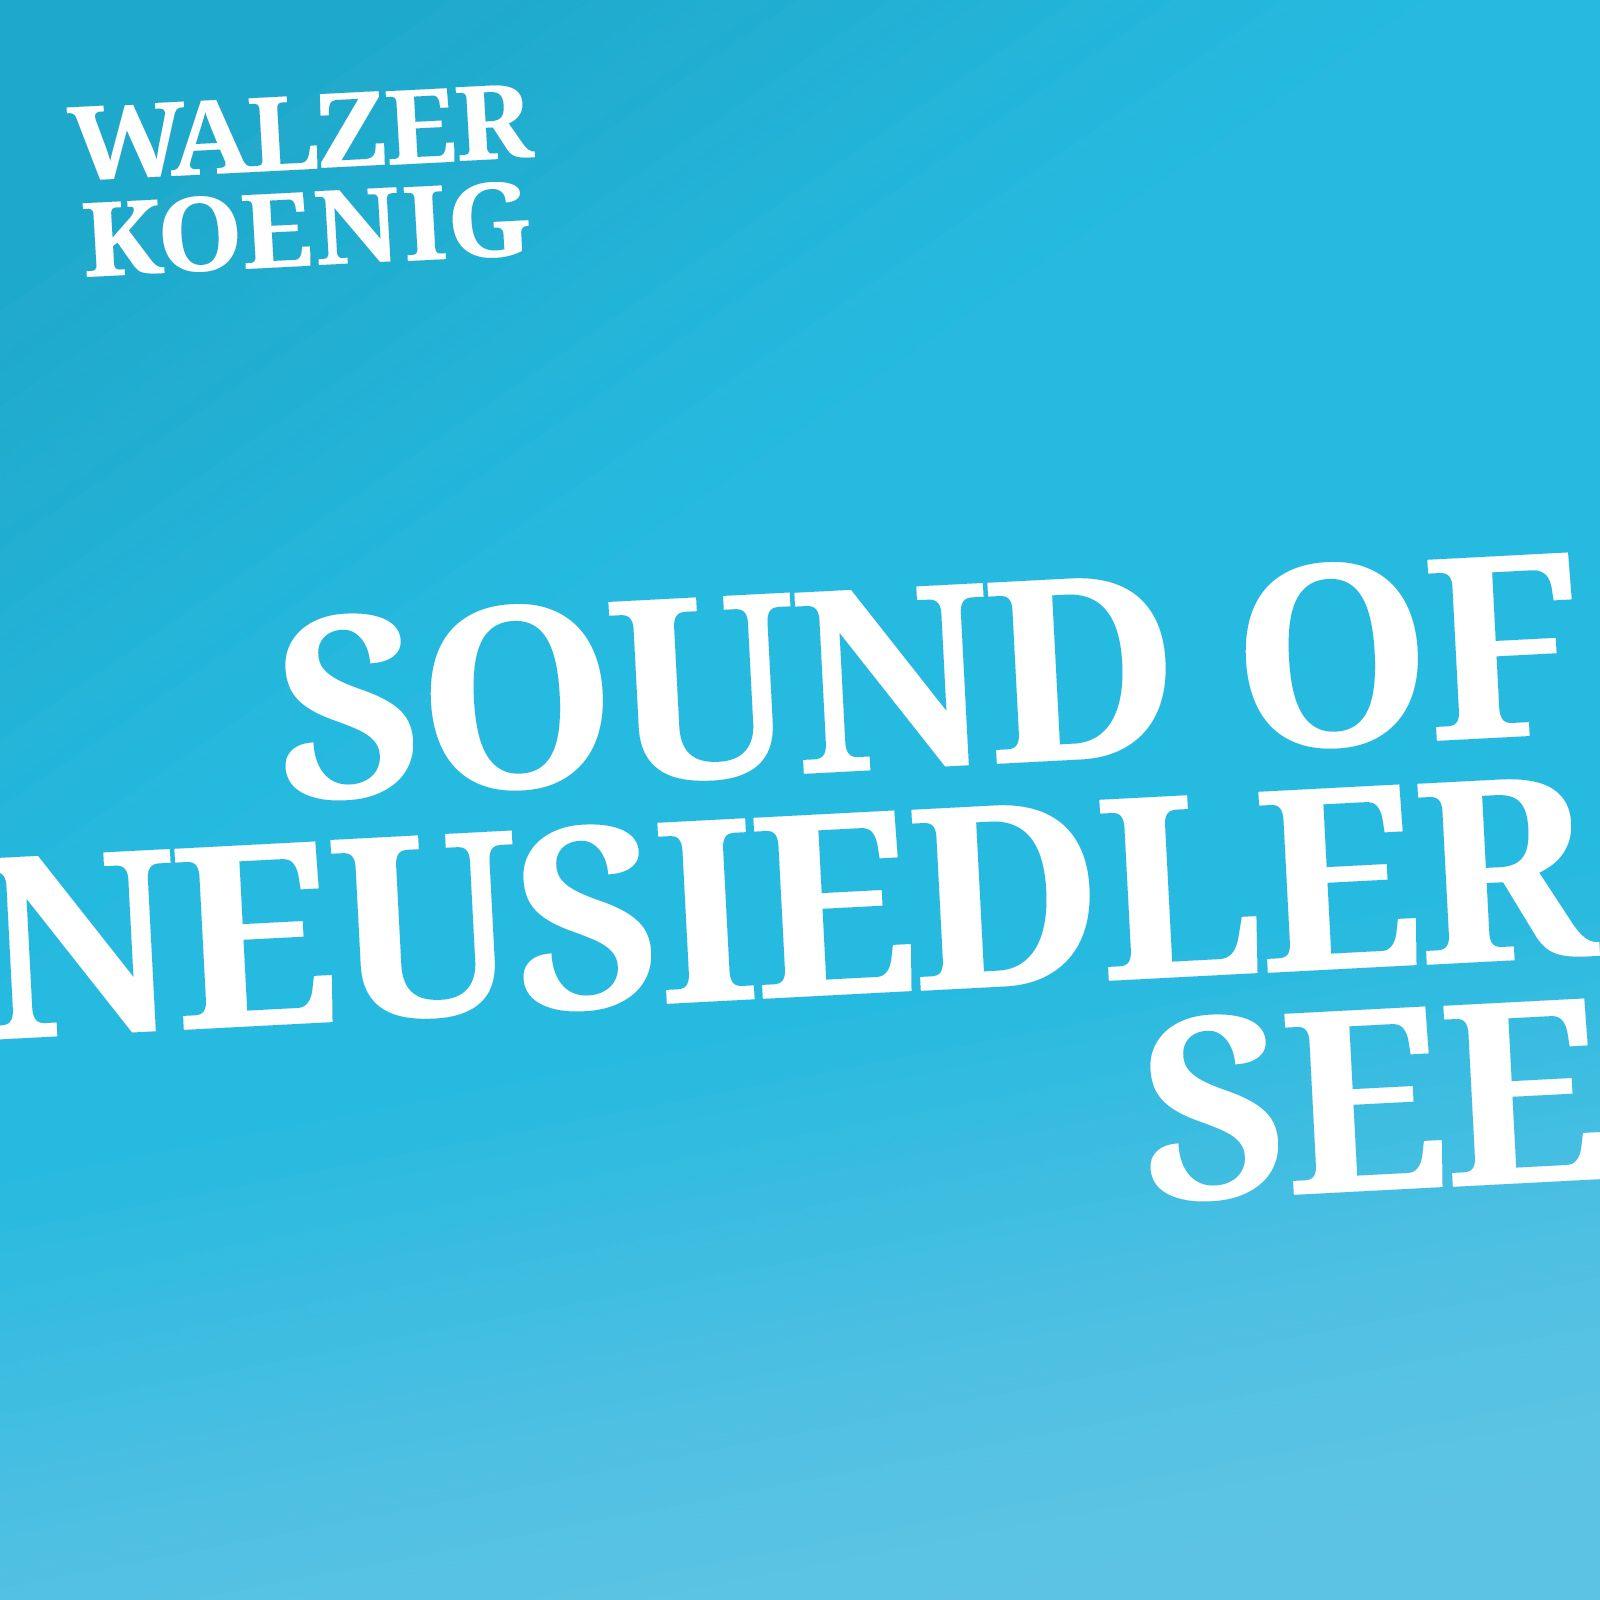 Neusiedler See Sounds playlist spotifyplaylist